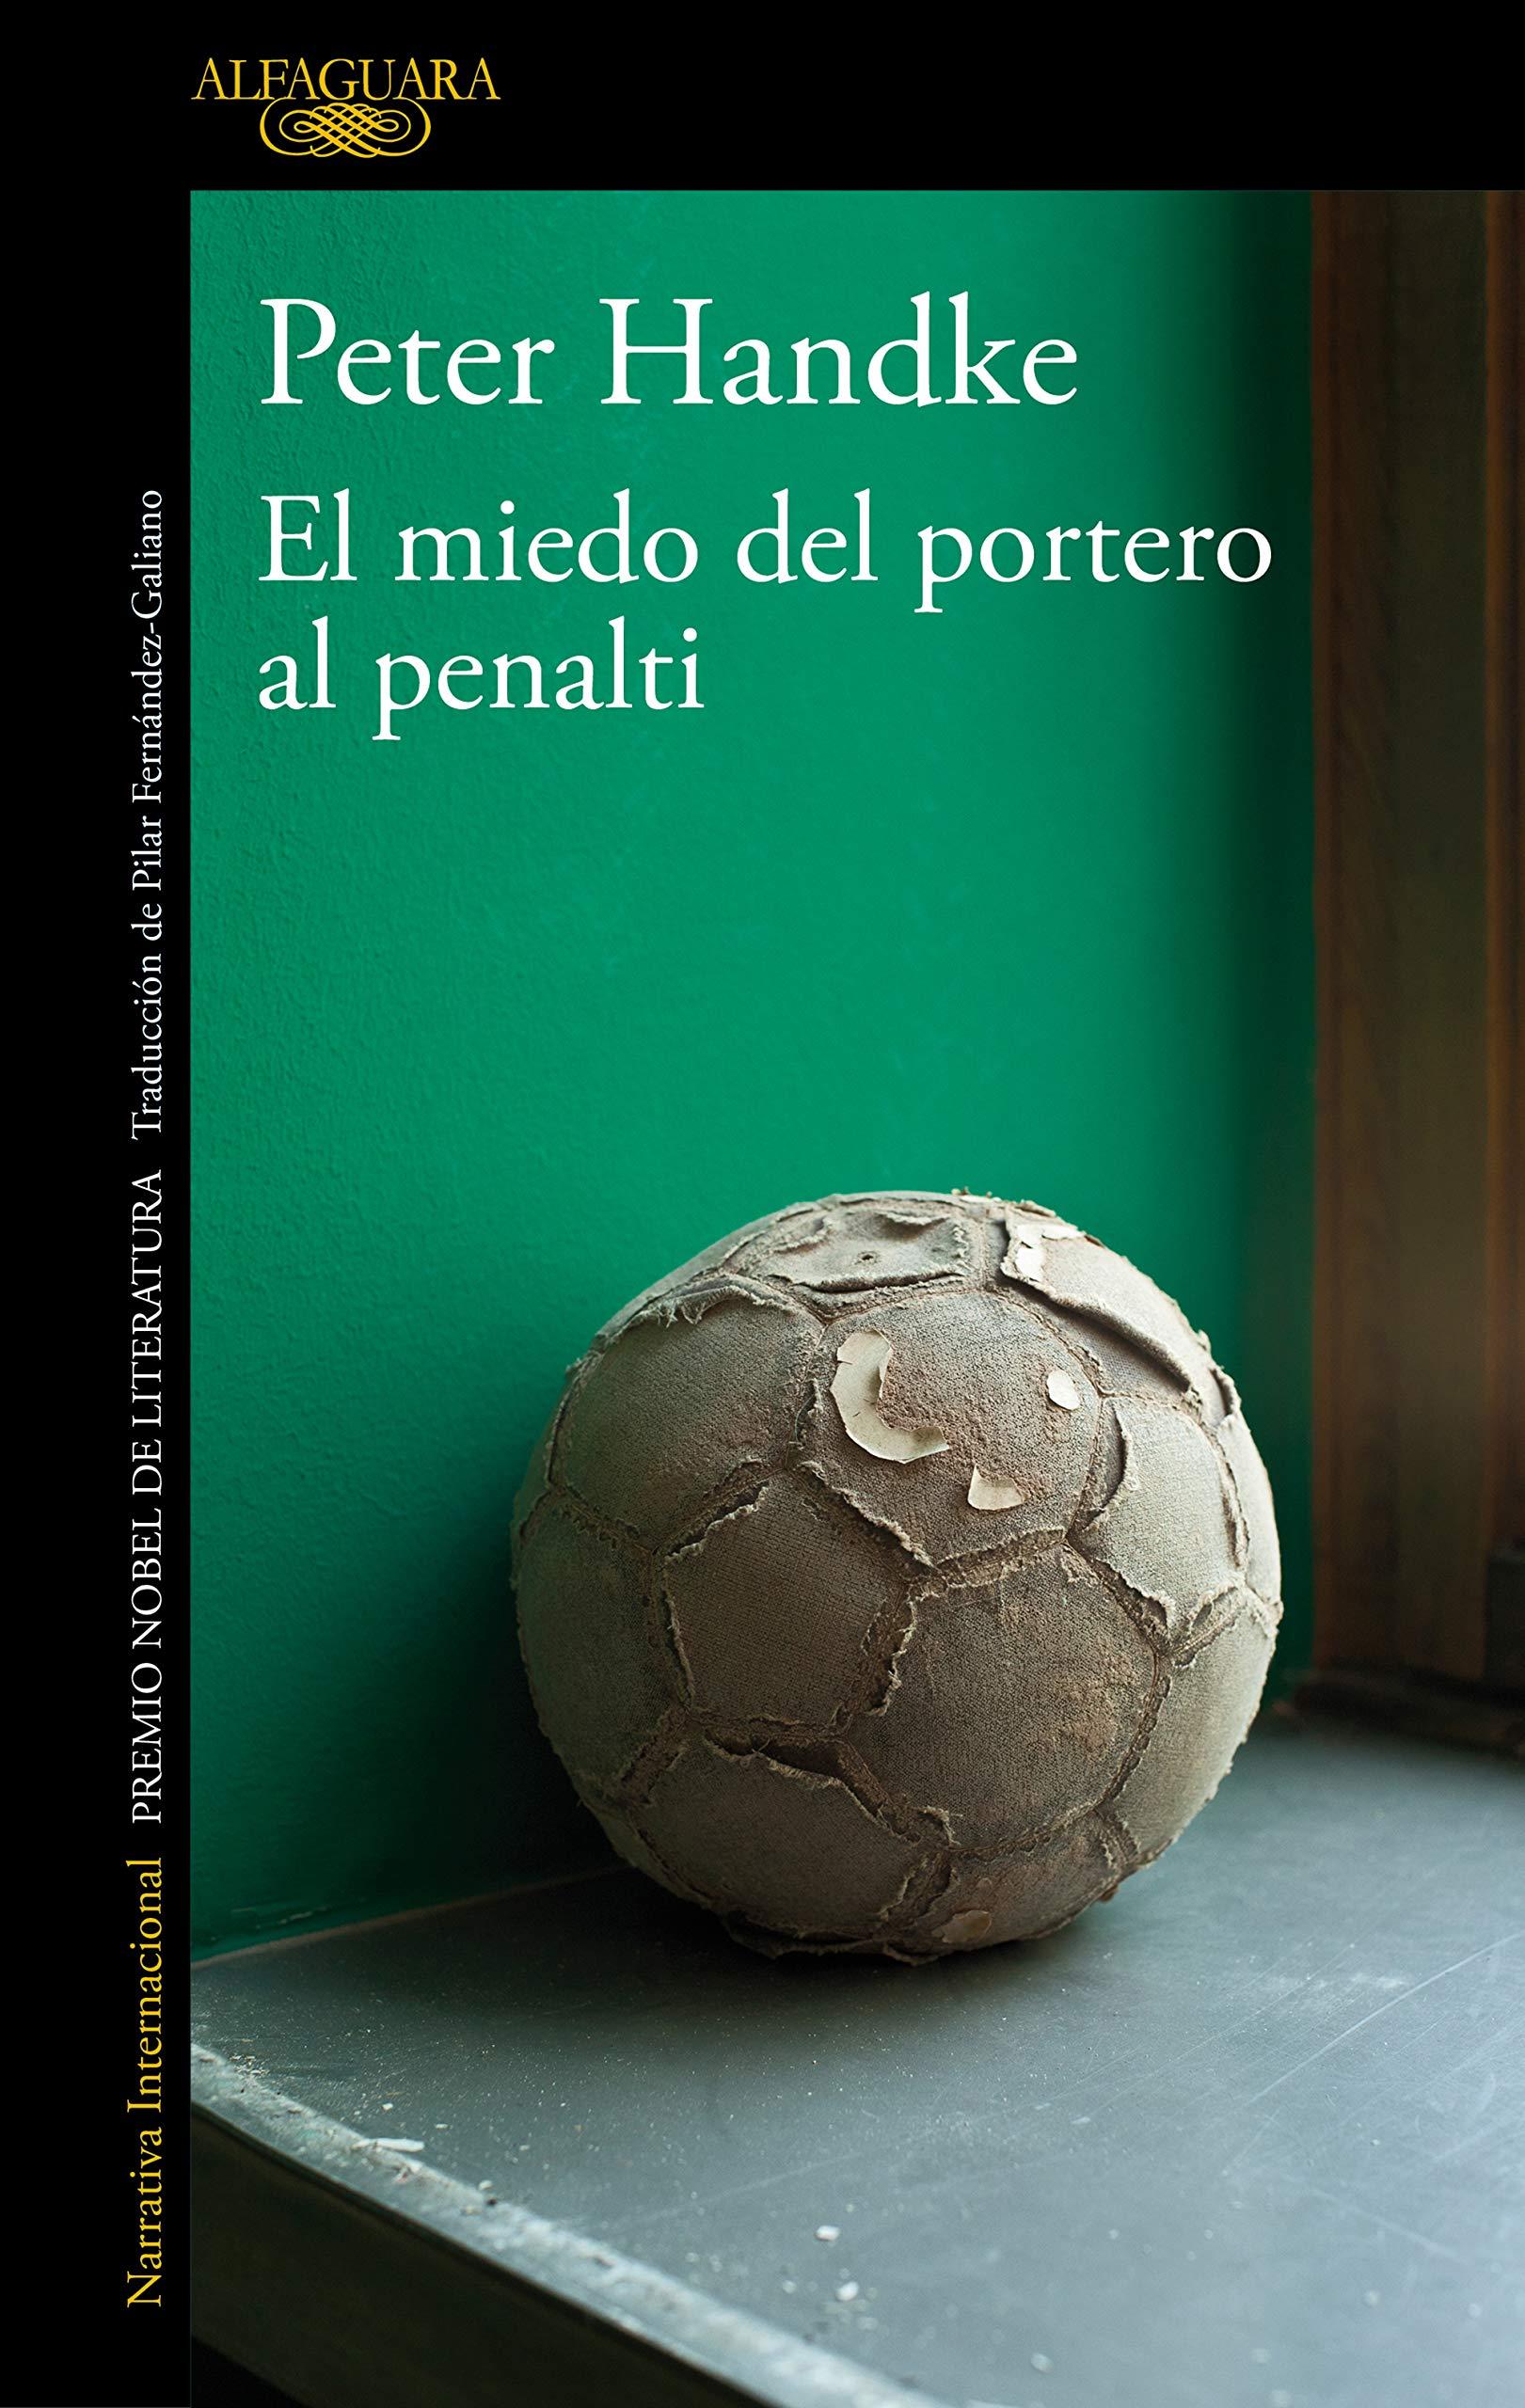 El miedo del portero al penalti (Literaturas): Amazon.es: Handke, Peter: Libros